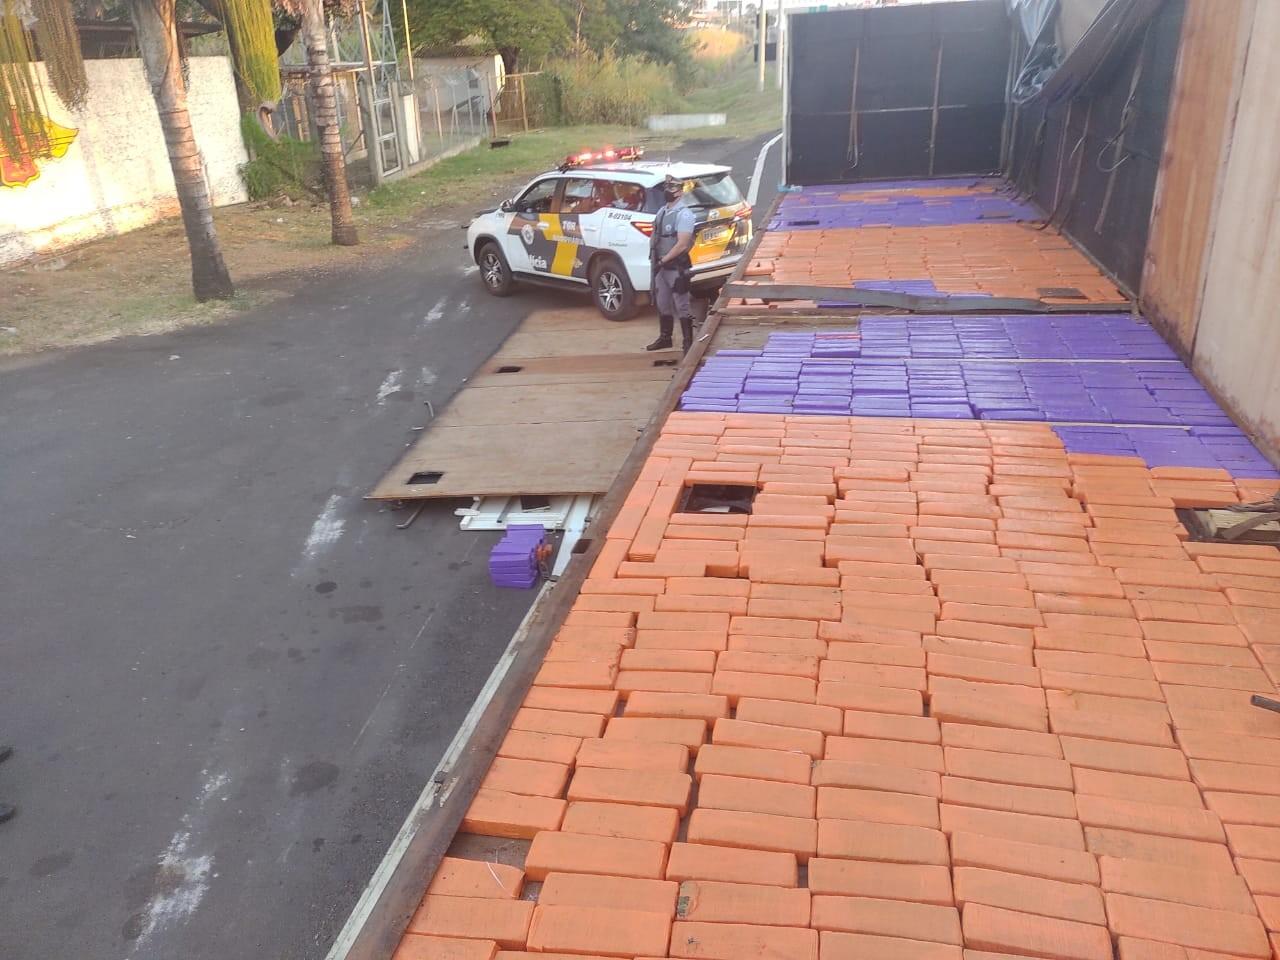 Homem é preso após ser flagrado com tabletes de maconha escondidos em fundo falso de carreta em rodovia de Marília